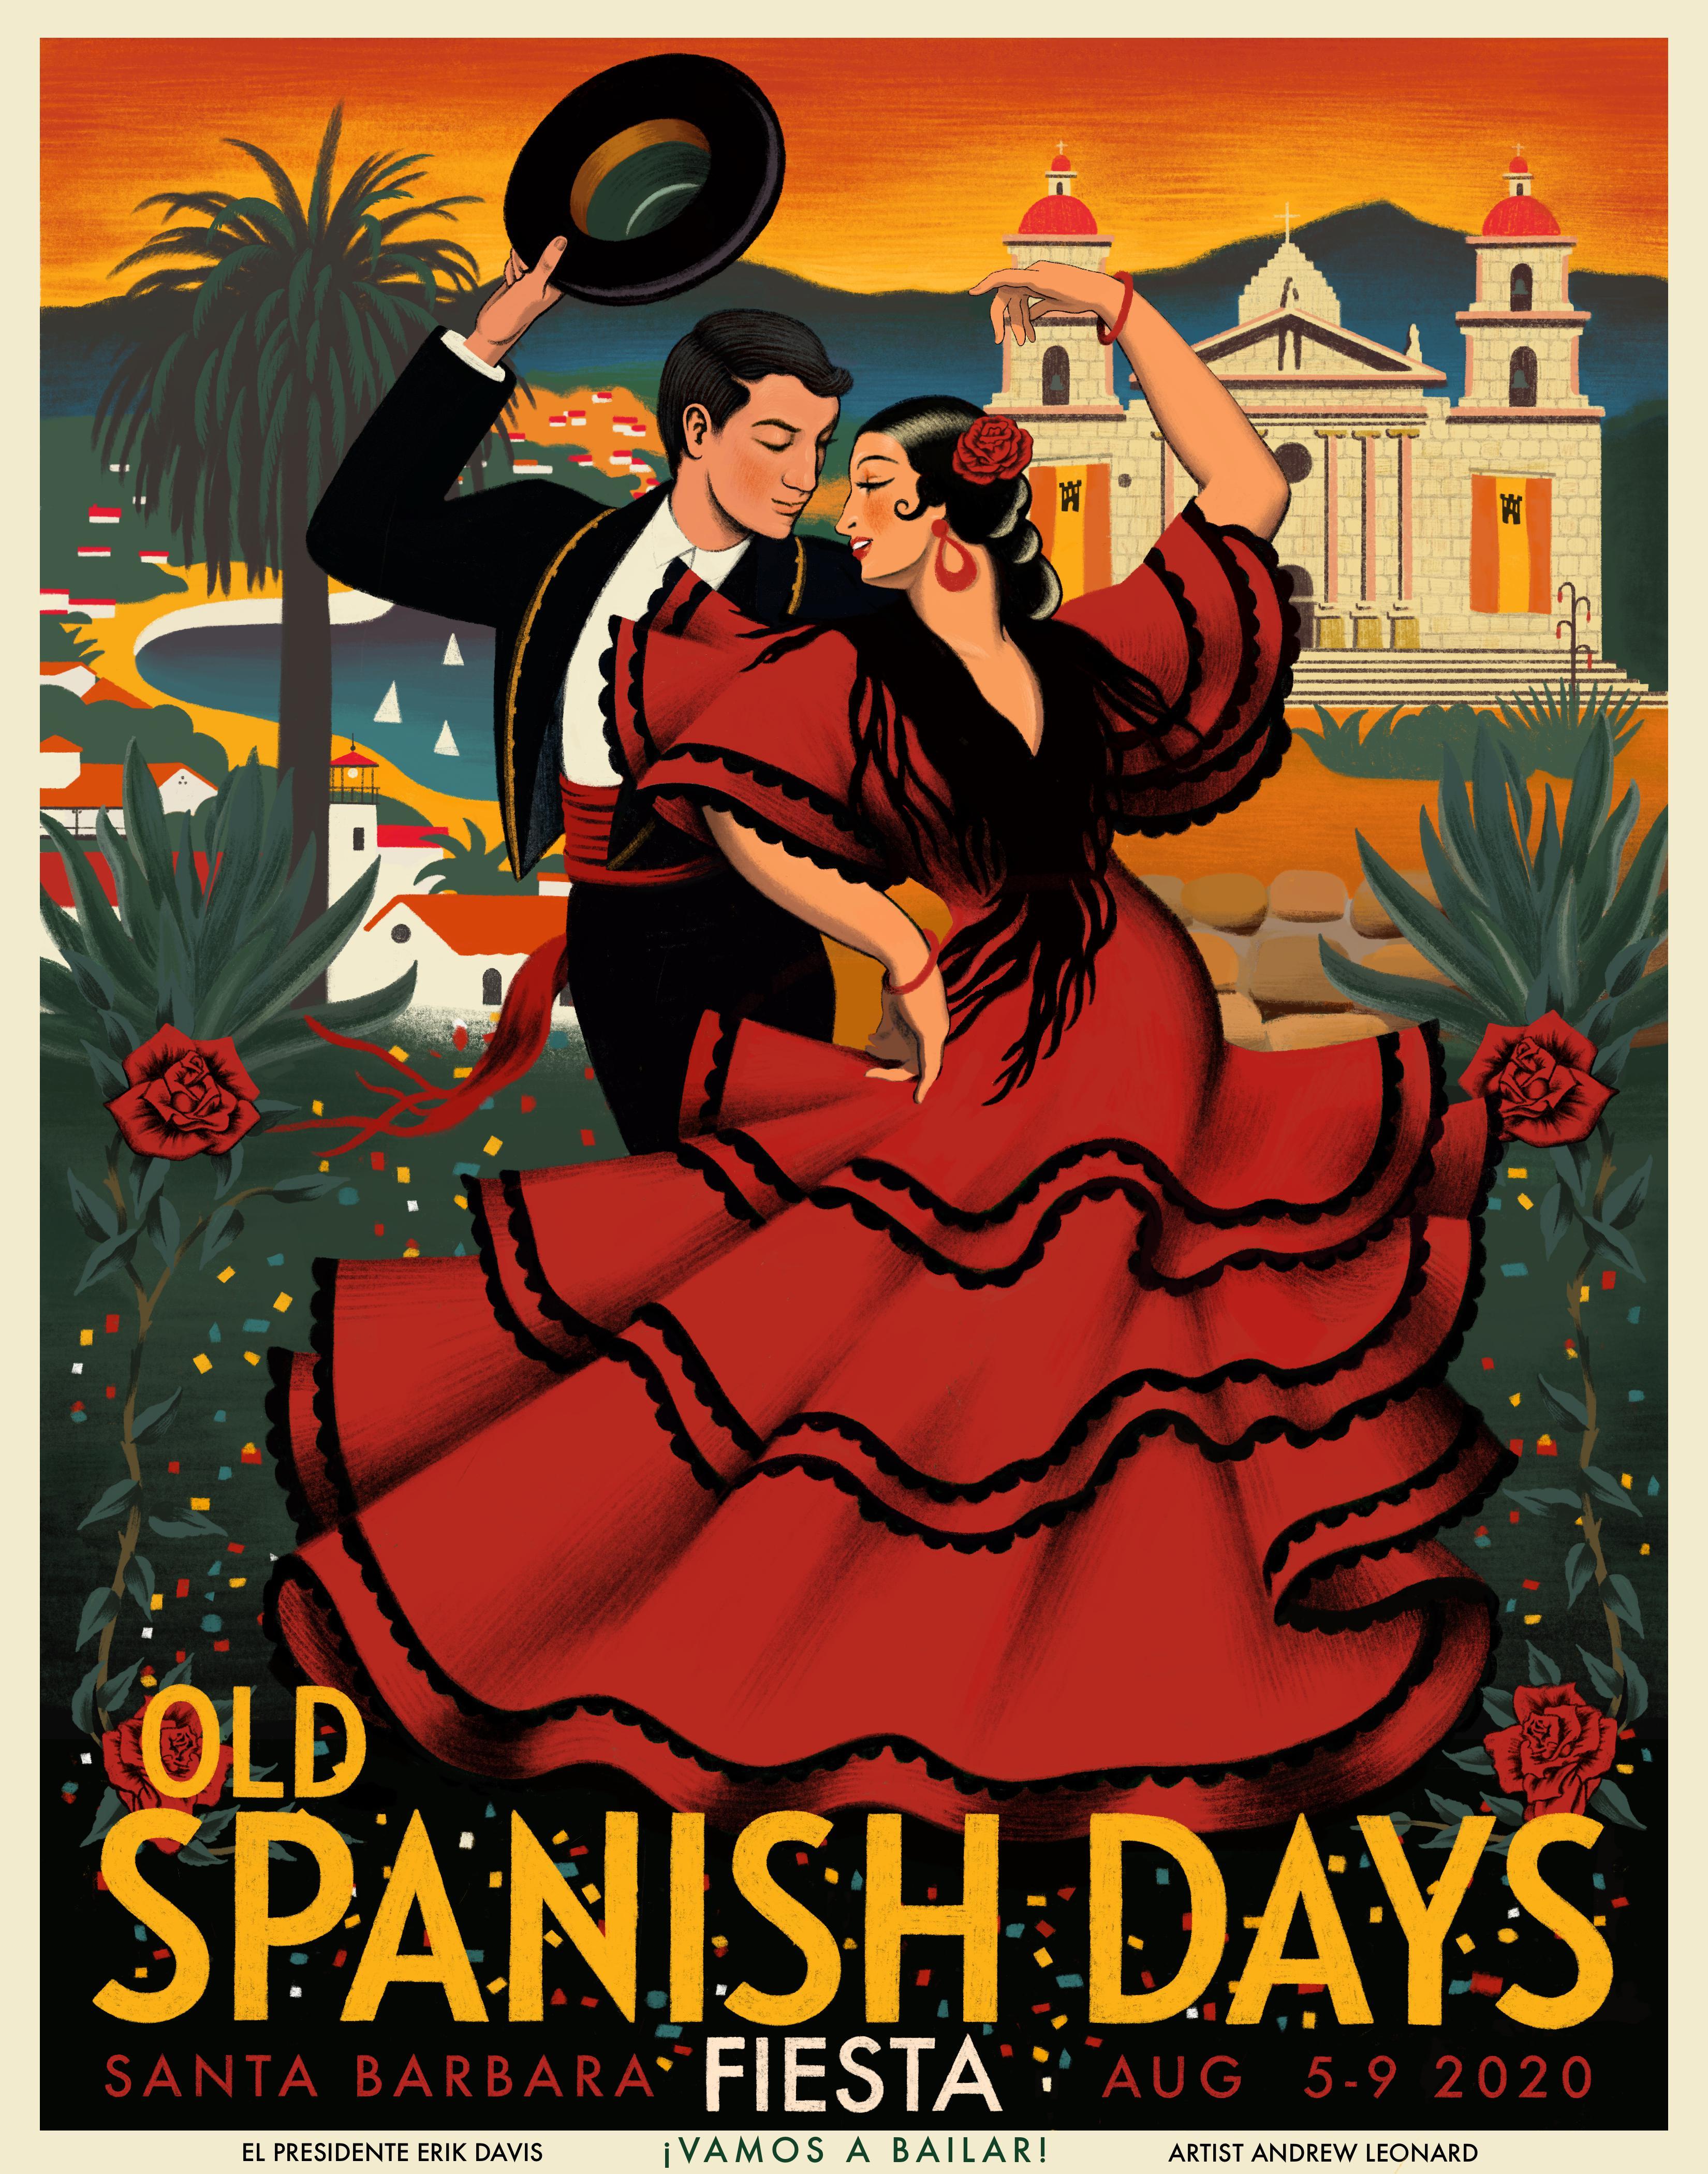 2020 Fiesta Poster